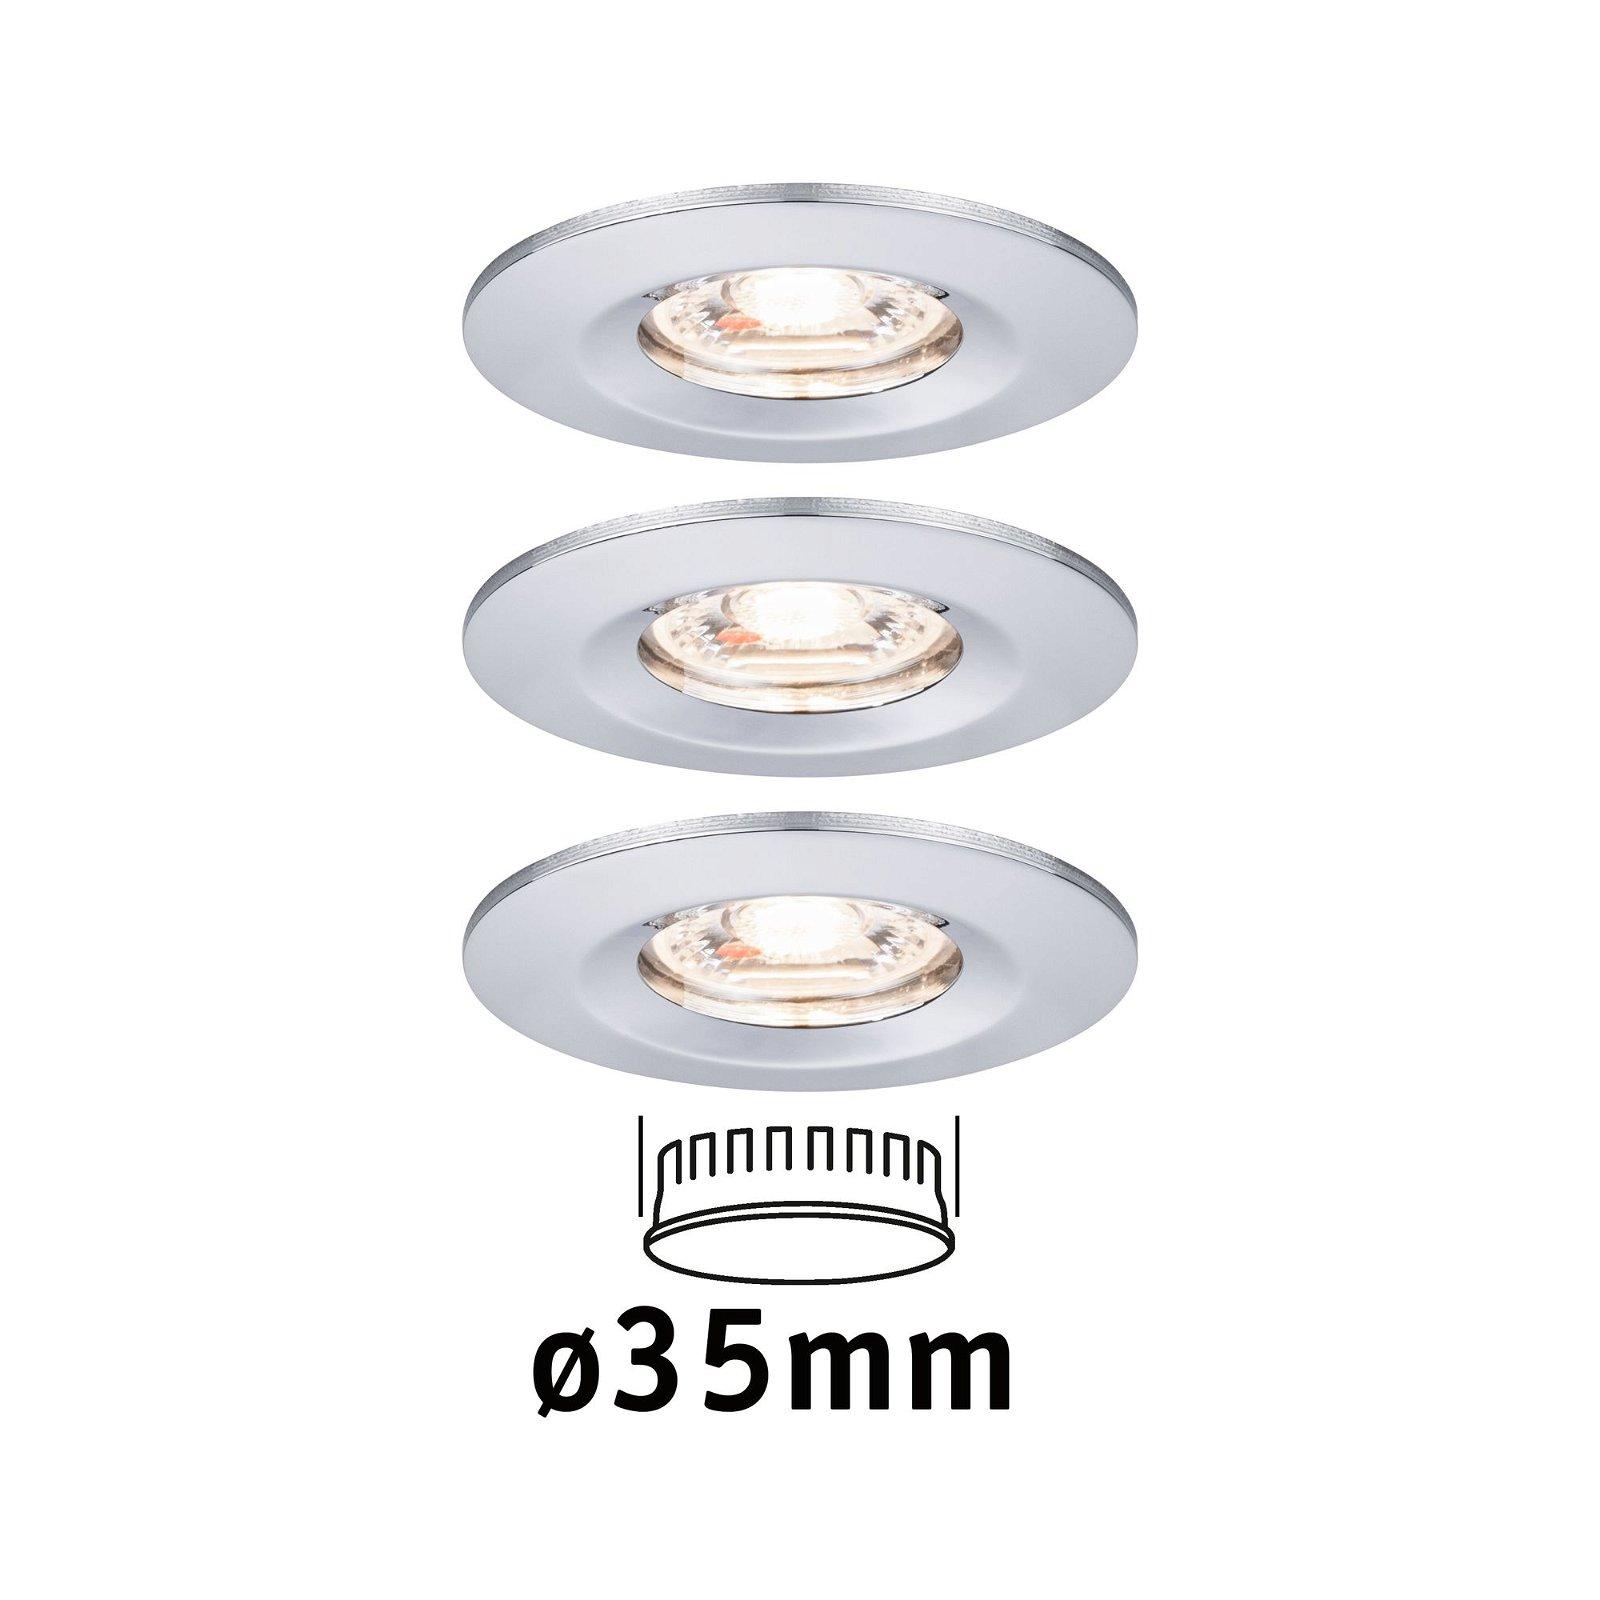 LED Einbauleuchte Nova Mini Basisset starr IP44 rund 65mm Coin 3x4W 3x310lm 230V 2700K Chrom